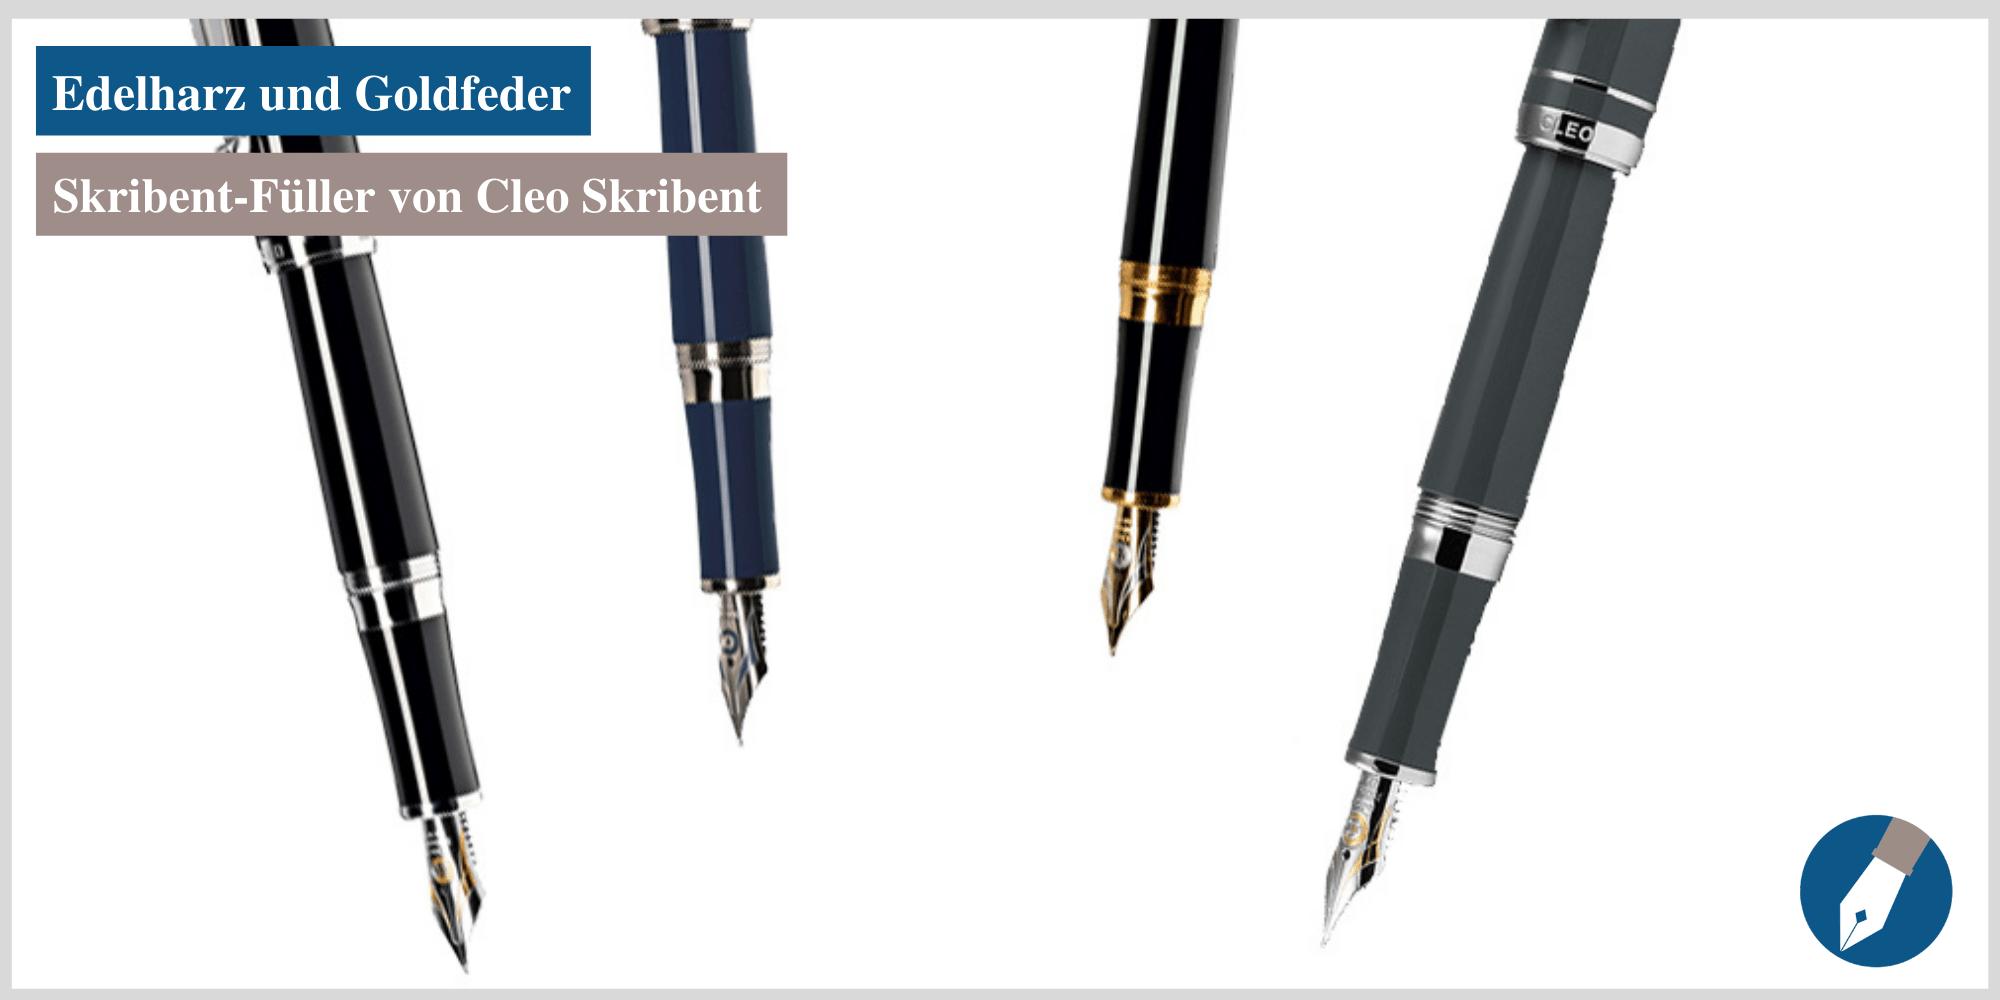 Der Skribent-Füller - nun auch in Grau bei MiaSkribo erhältlich.